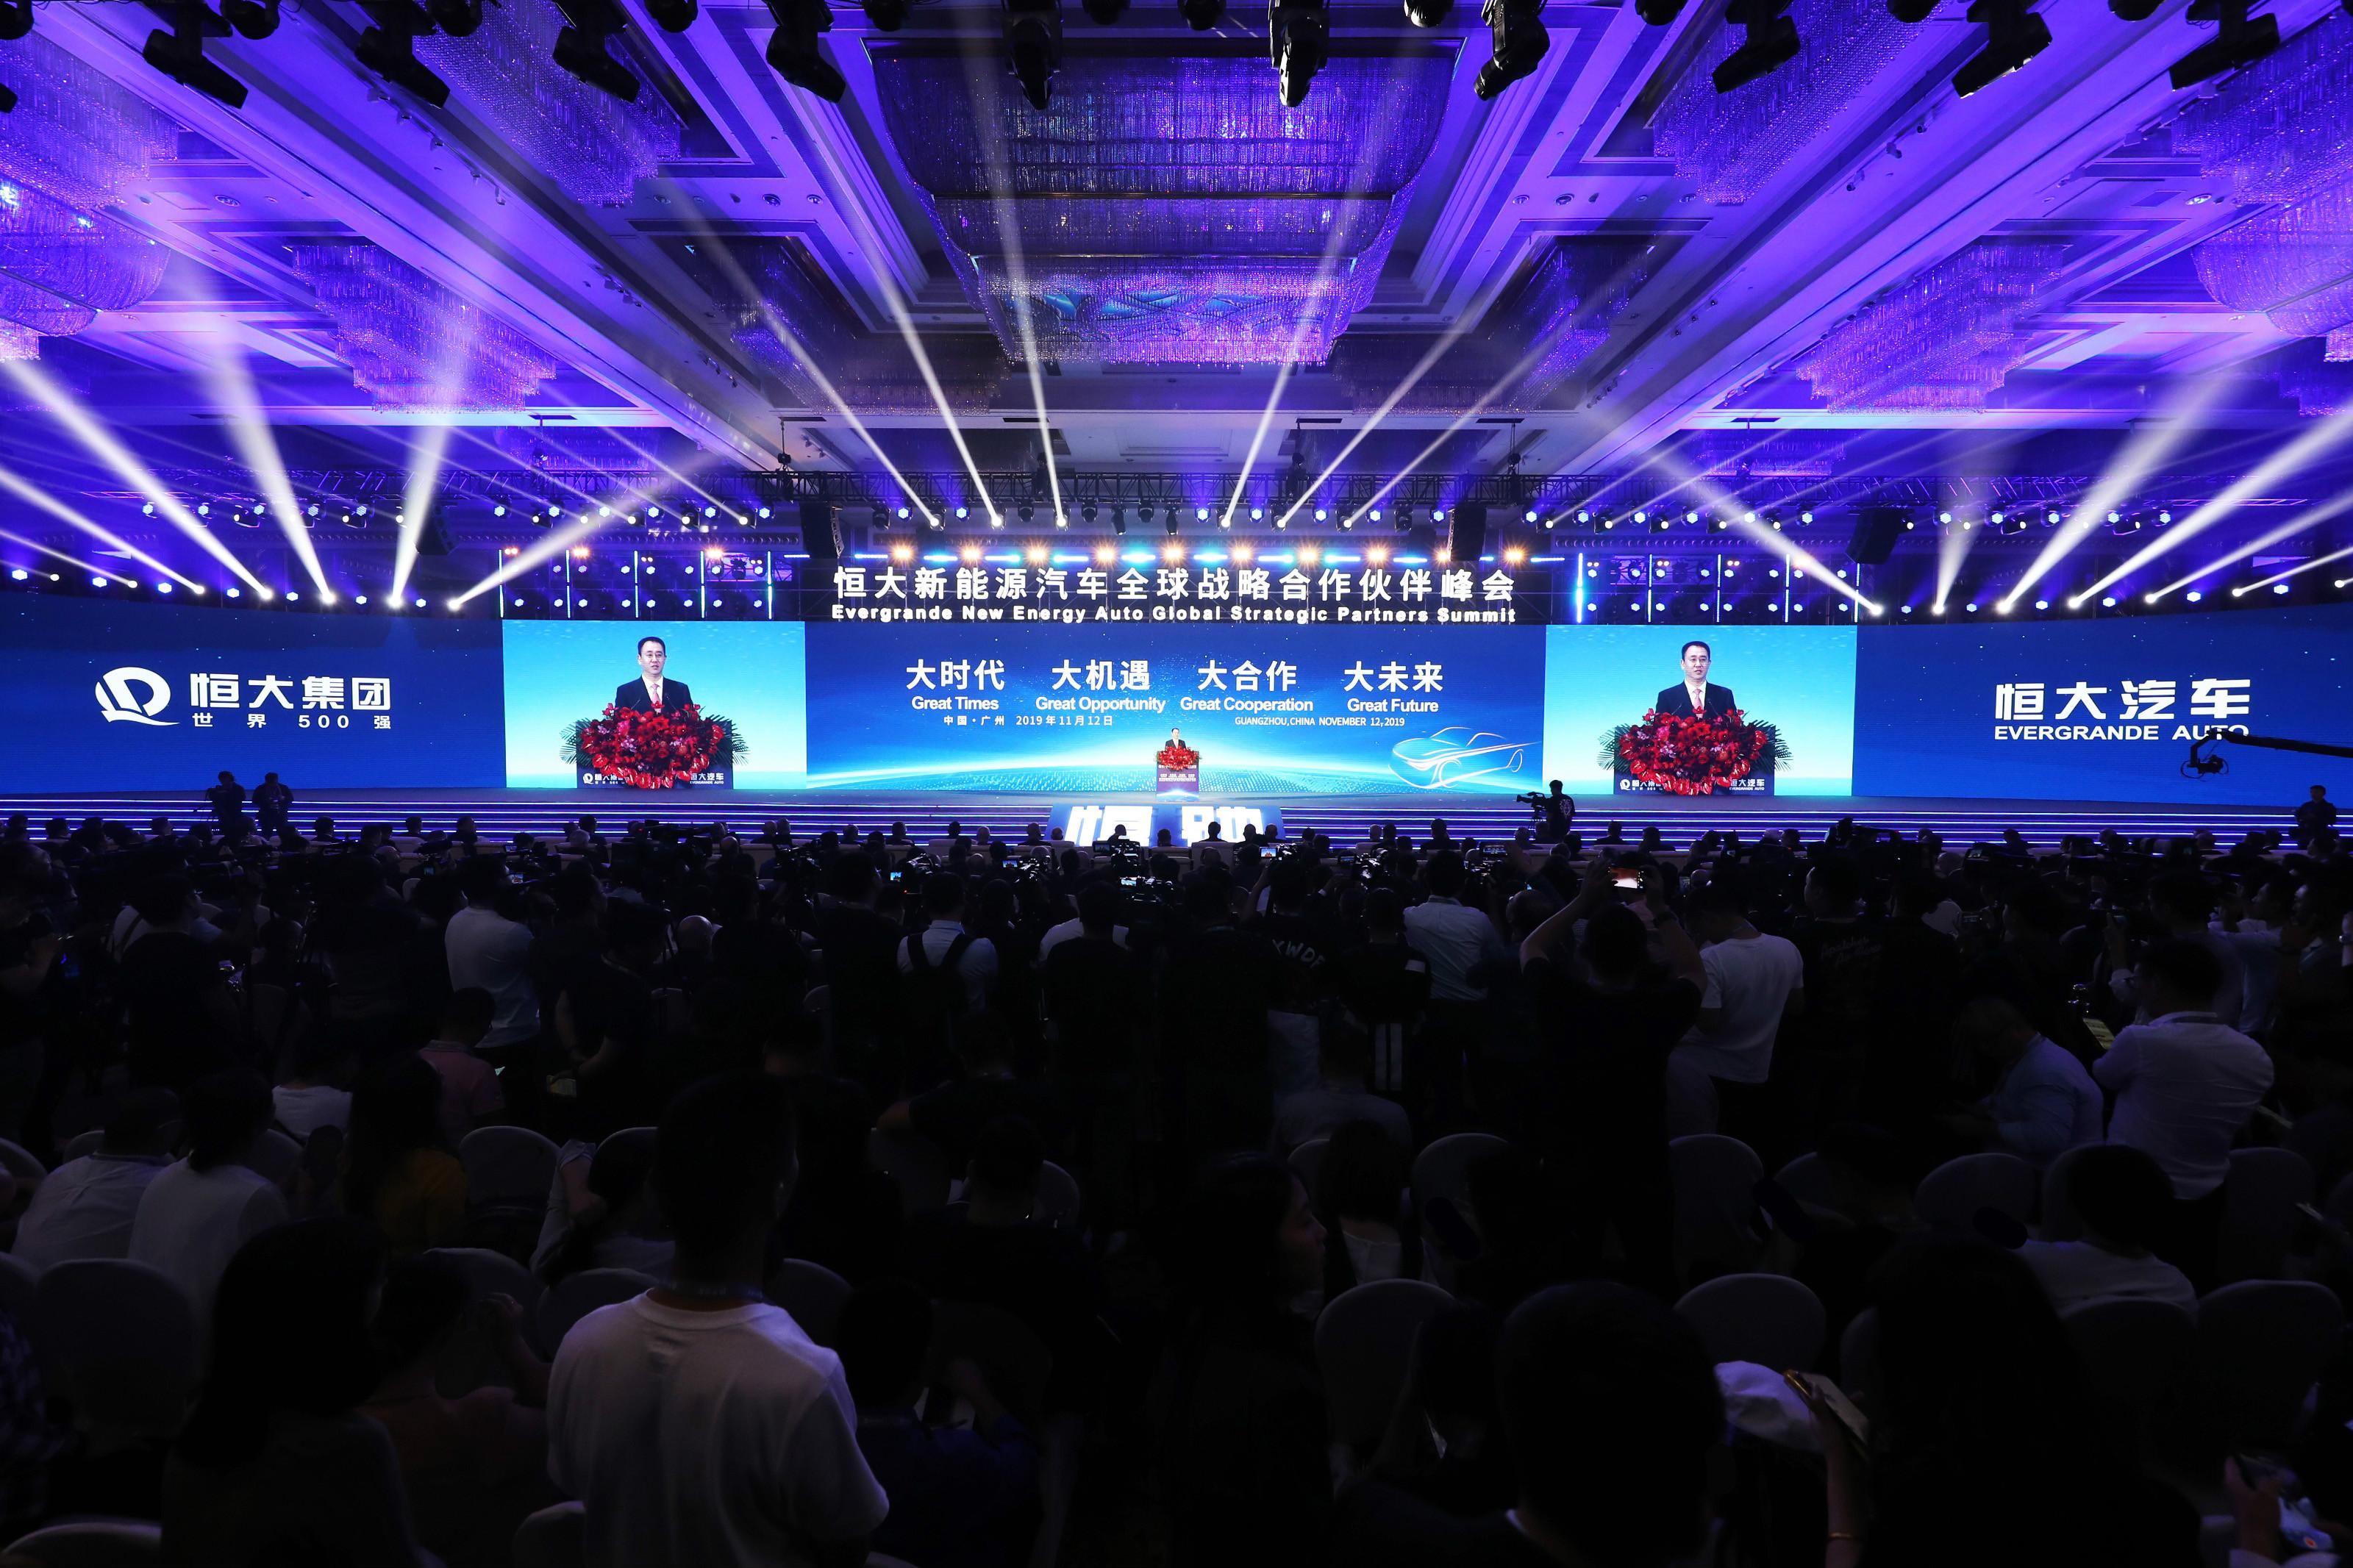 史上最强阵容!206家行业龙头齐聚恒大汽车全球峰会